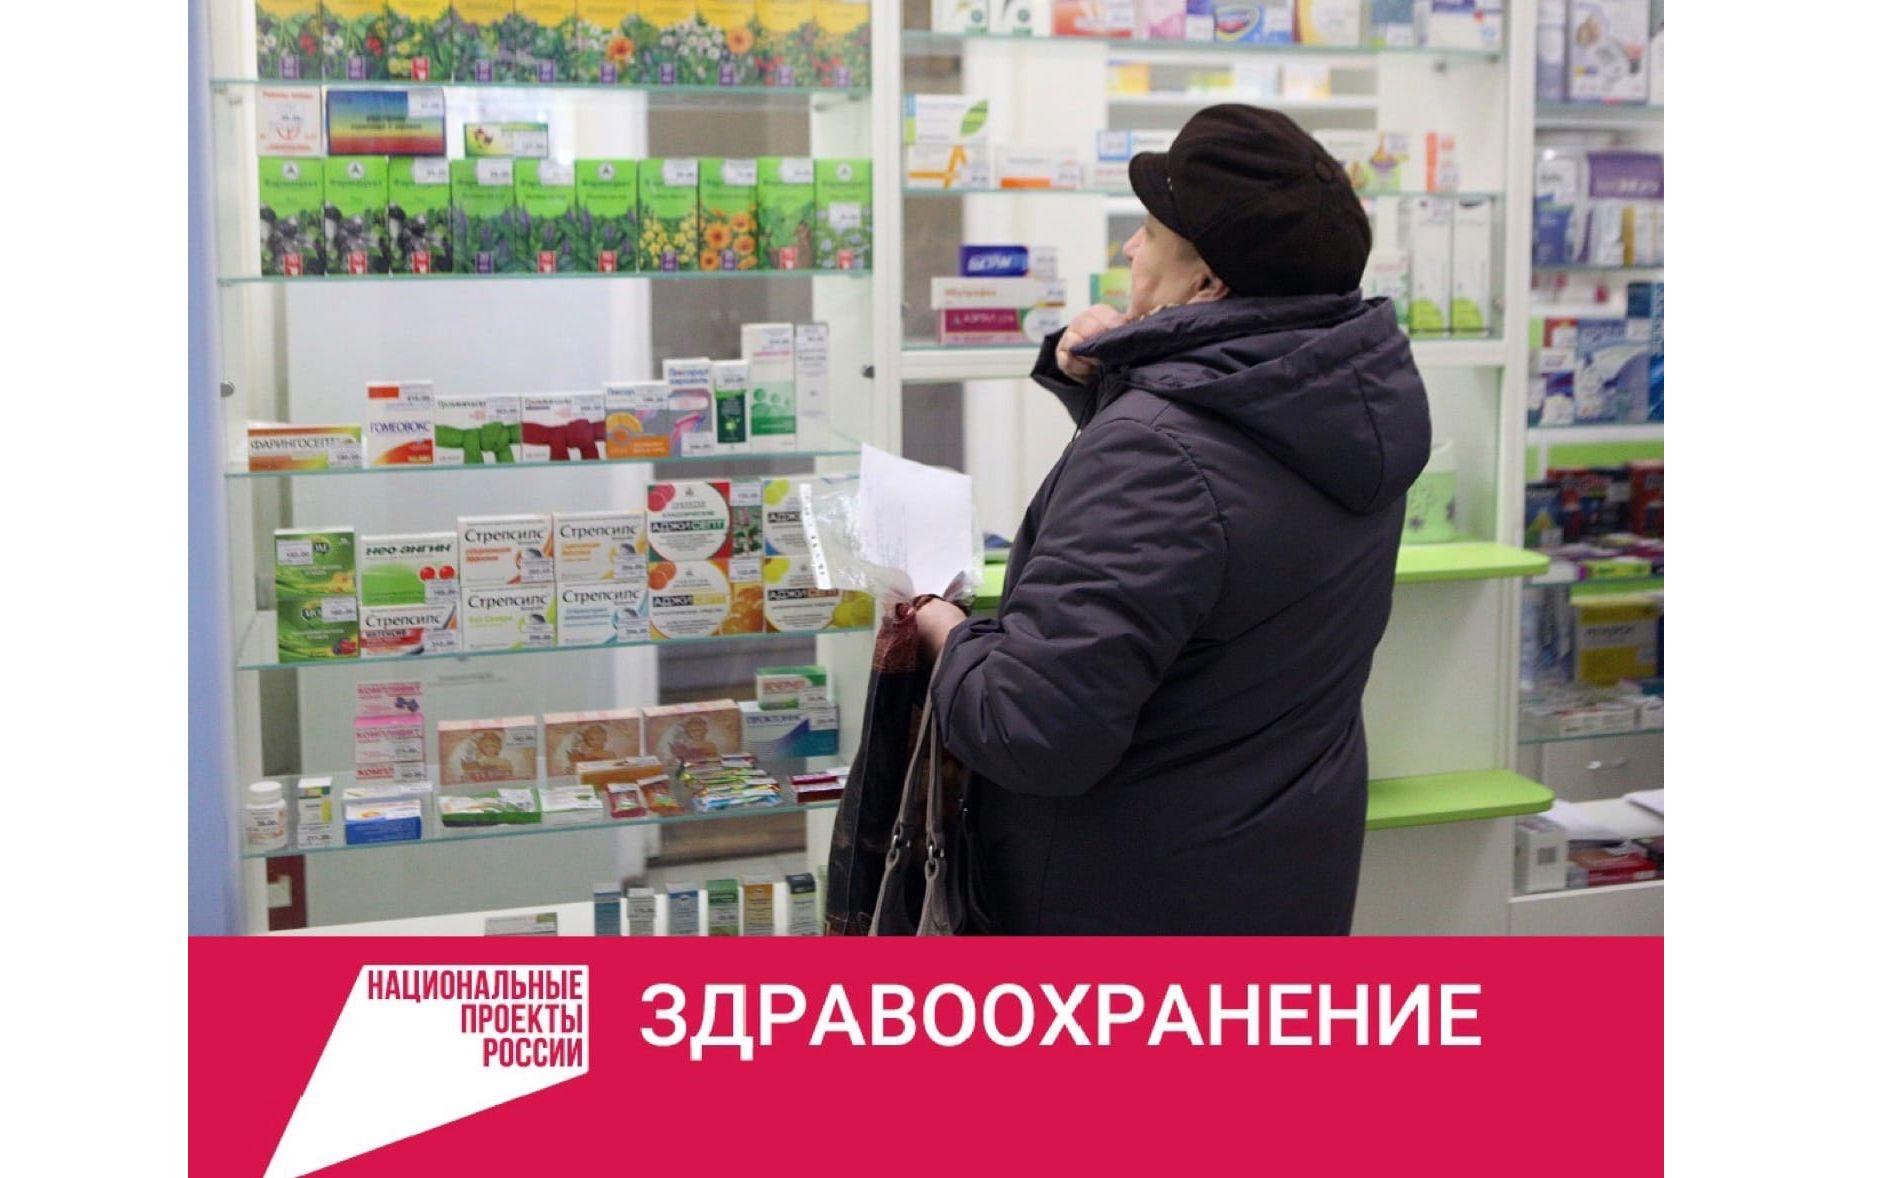 Дмитрий Миронов: в Ярославскую область поступило 135 млн рублей на закупку льготных лекарств пациентам с сердечно-сосудистыми заболеваниями